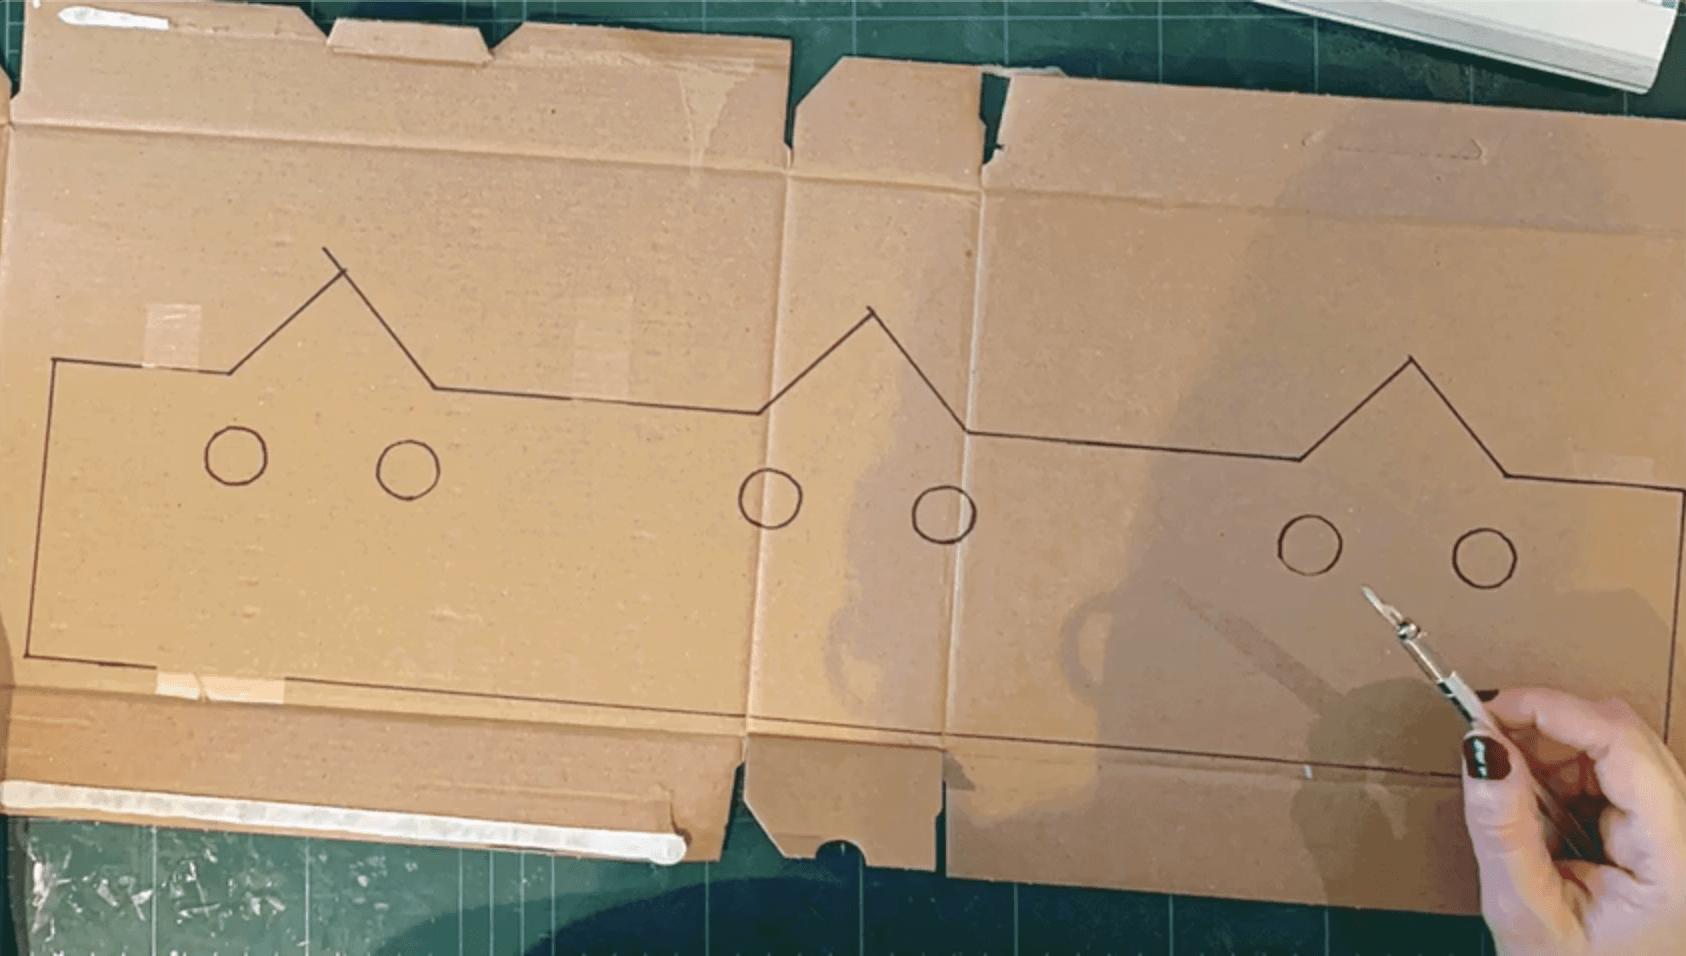 El Protector de manillas DIY que evita contagios que puedes construir gratis 80